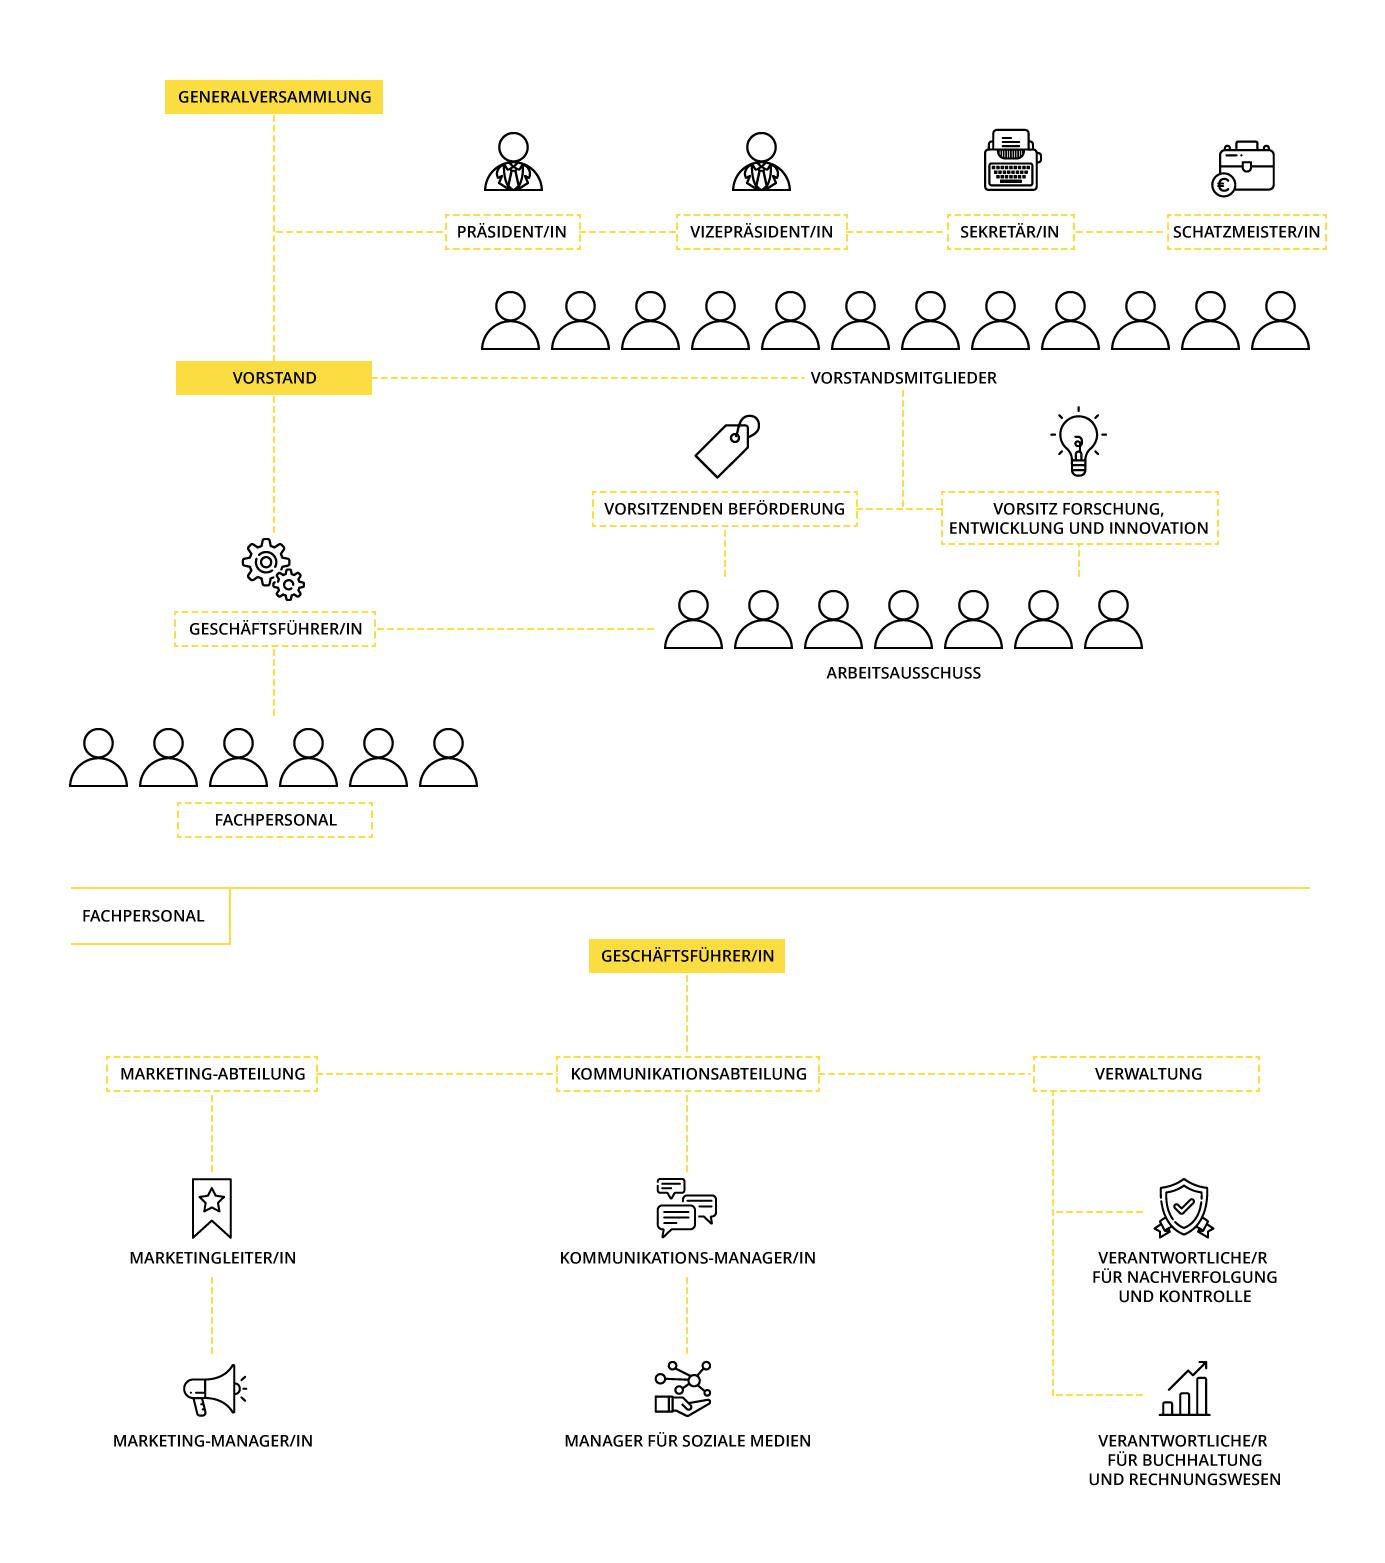 Organigramm der Organisation des Branchenübergreifenden Verbands für spanisches Olivenöl